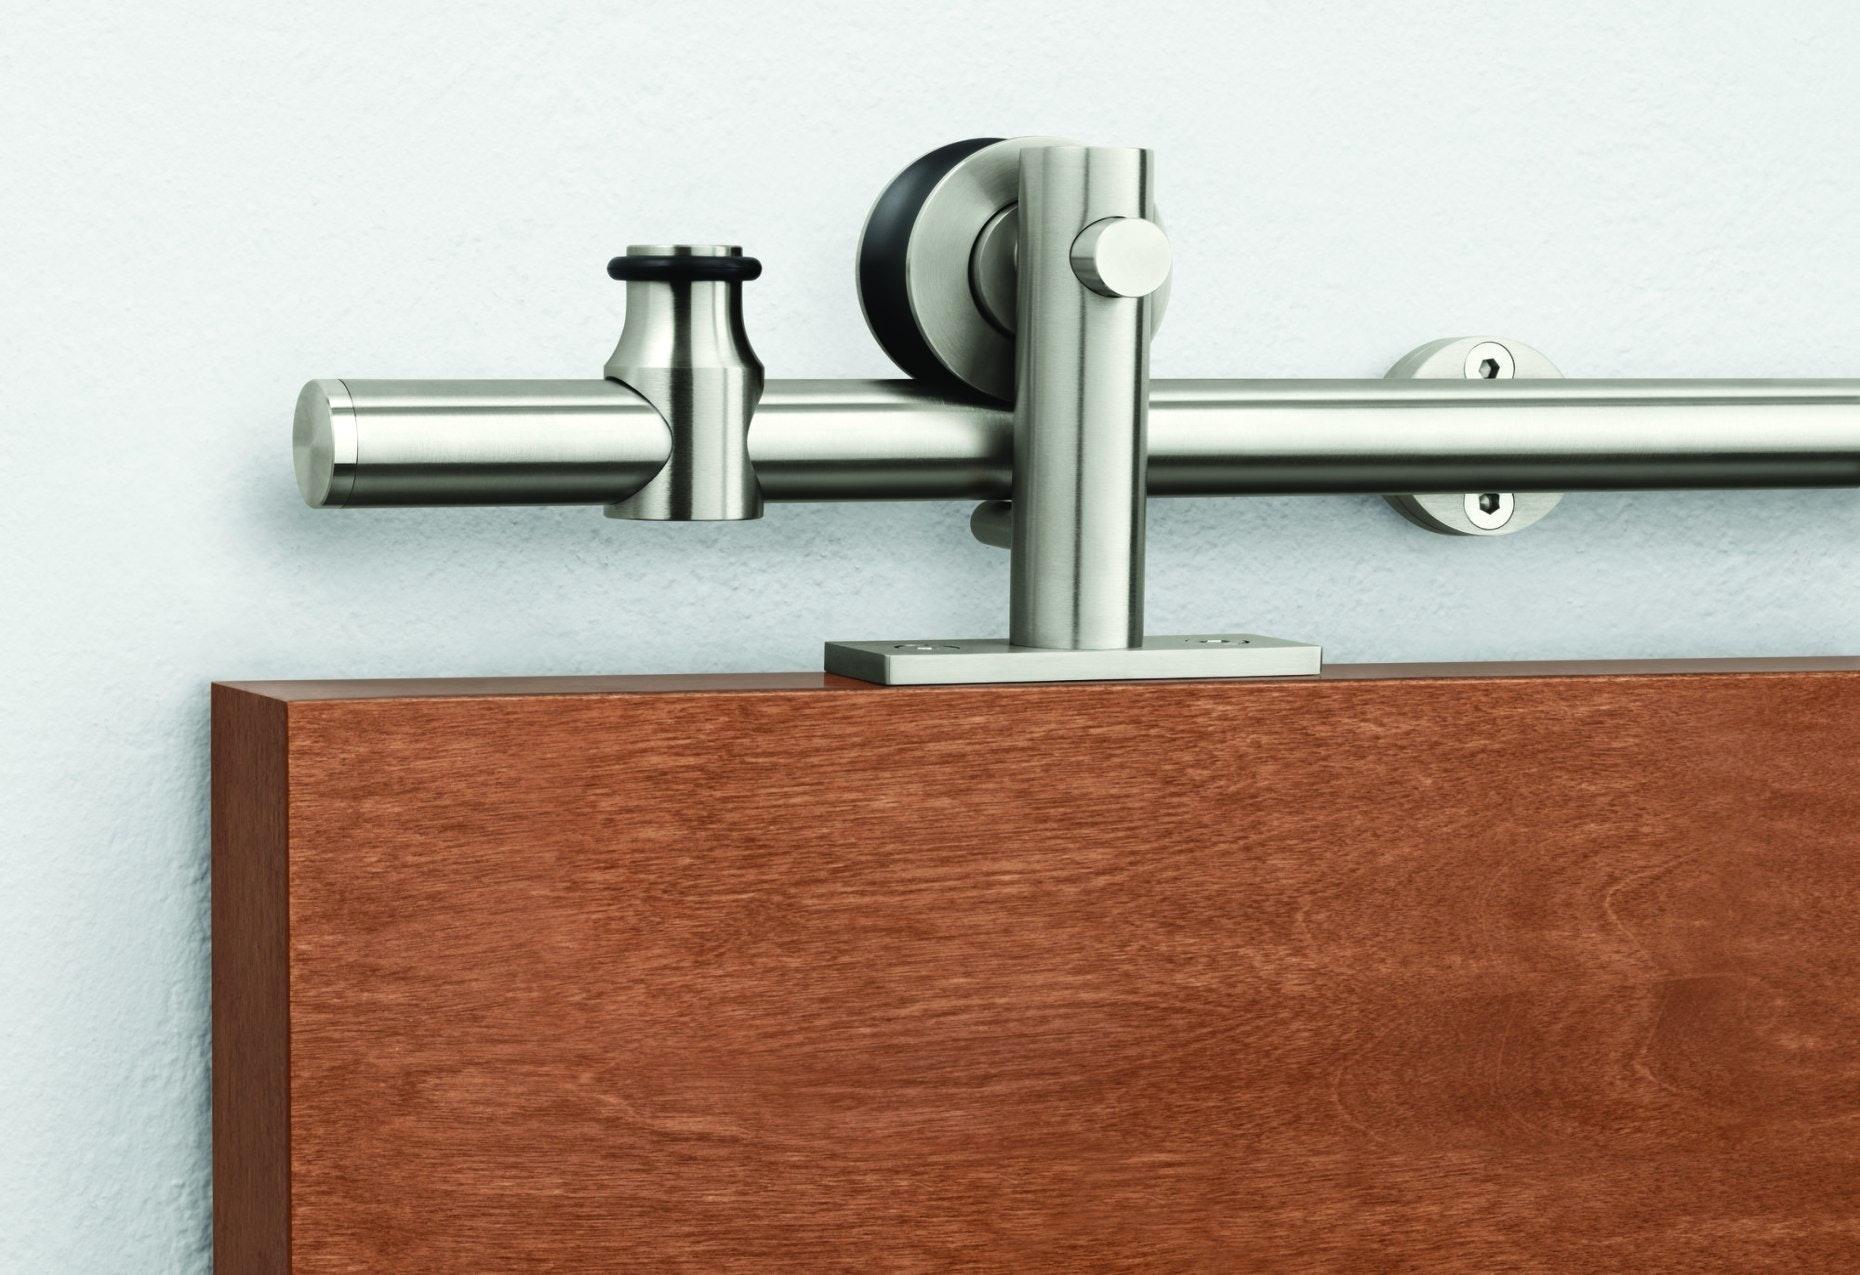 Pemko Sliding Door Steel Track And Hardware1860 X 1275